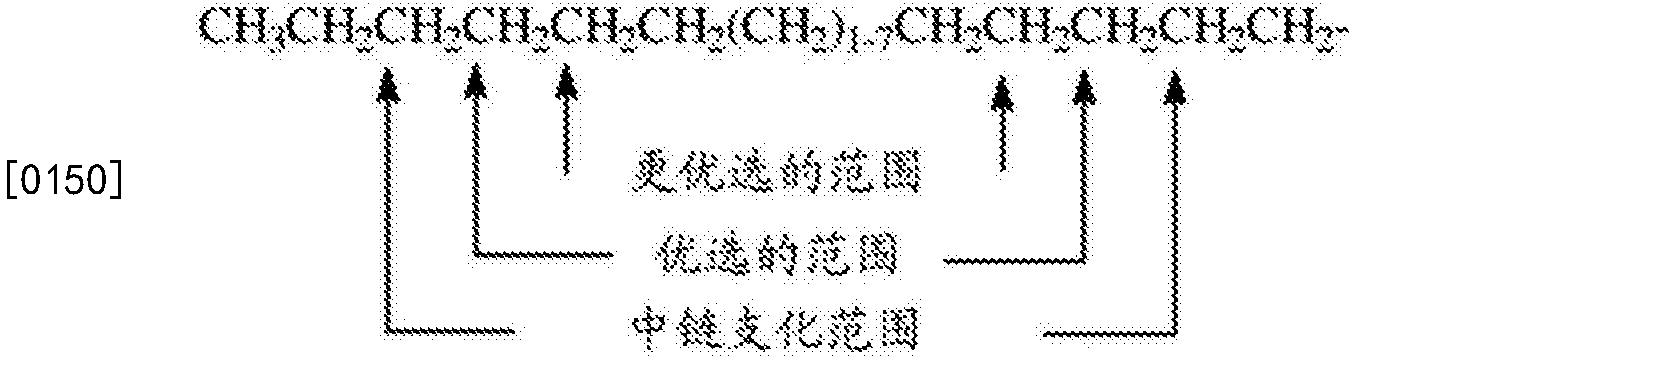 Figure CN105492587BD00172